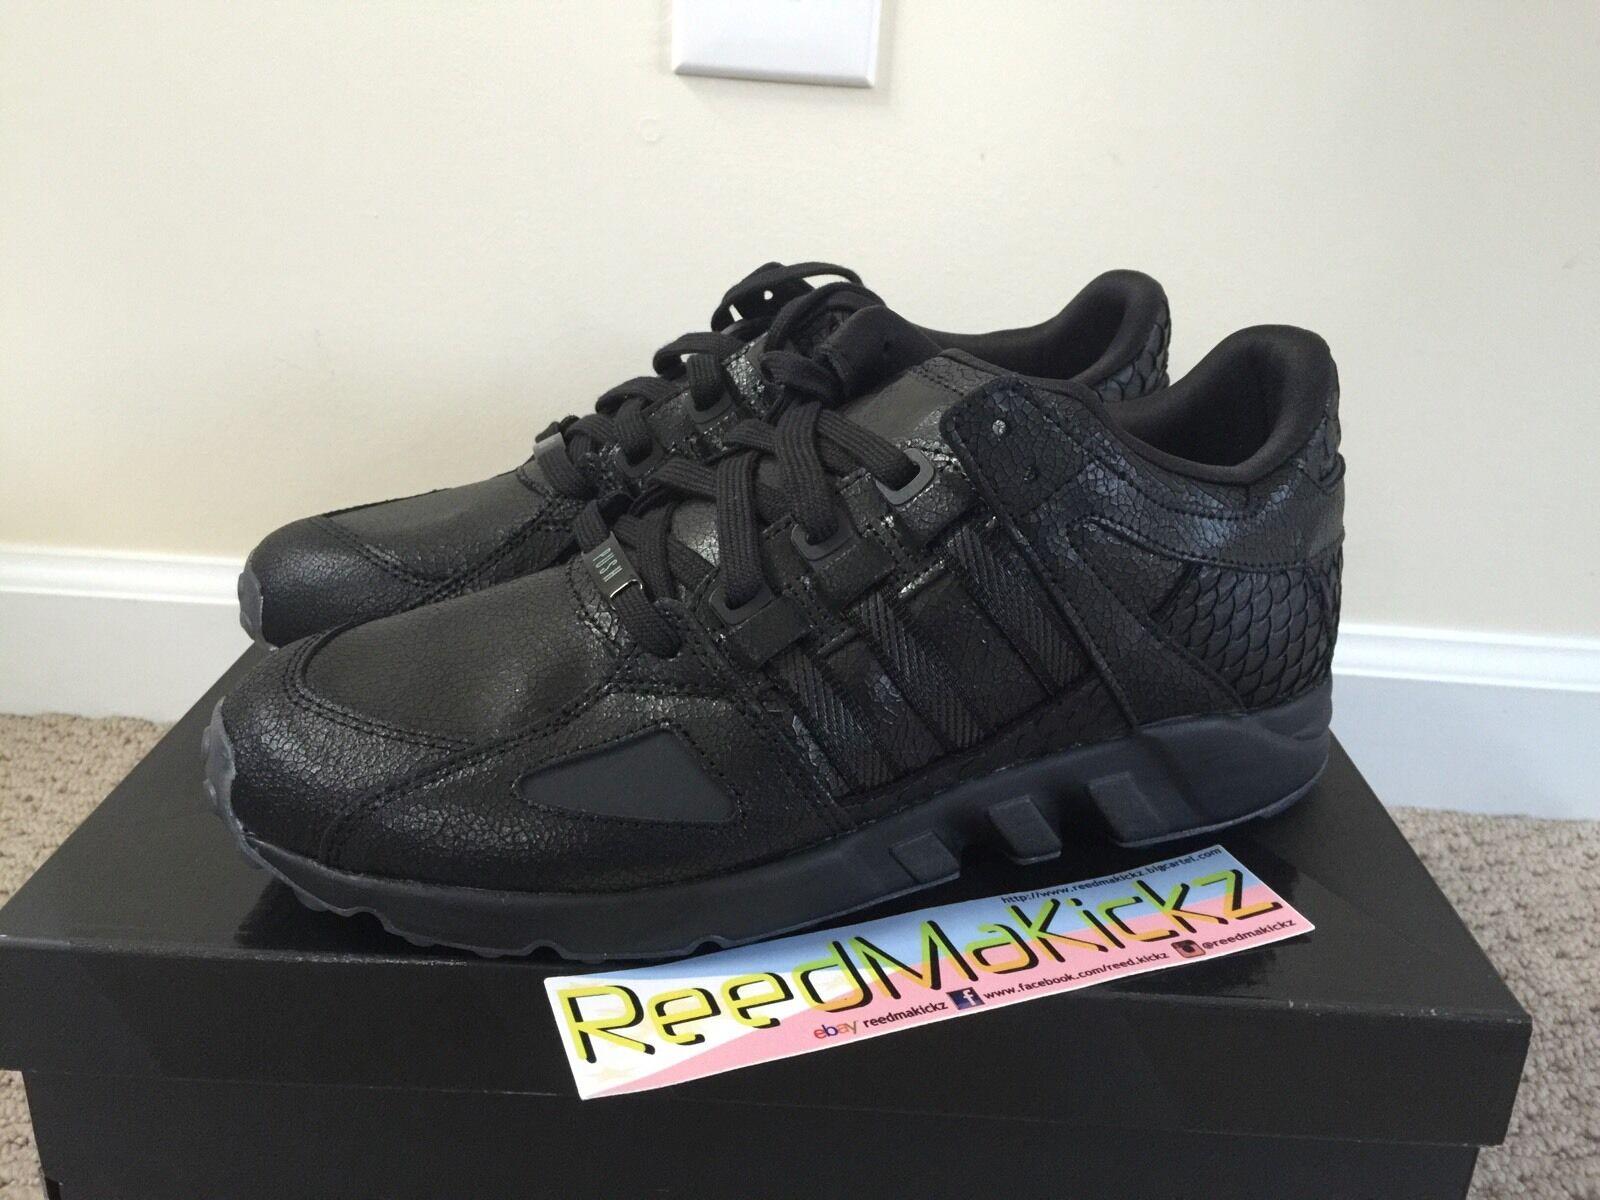 Adidas Adidas Adidas - könig - x pusha eqt läuft bei uns nicht schwarzmarkt größe 11 87aa47